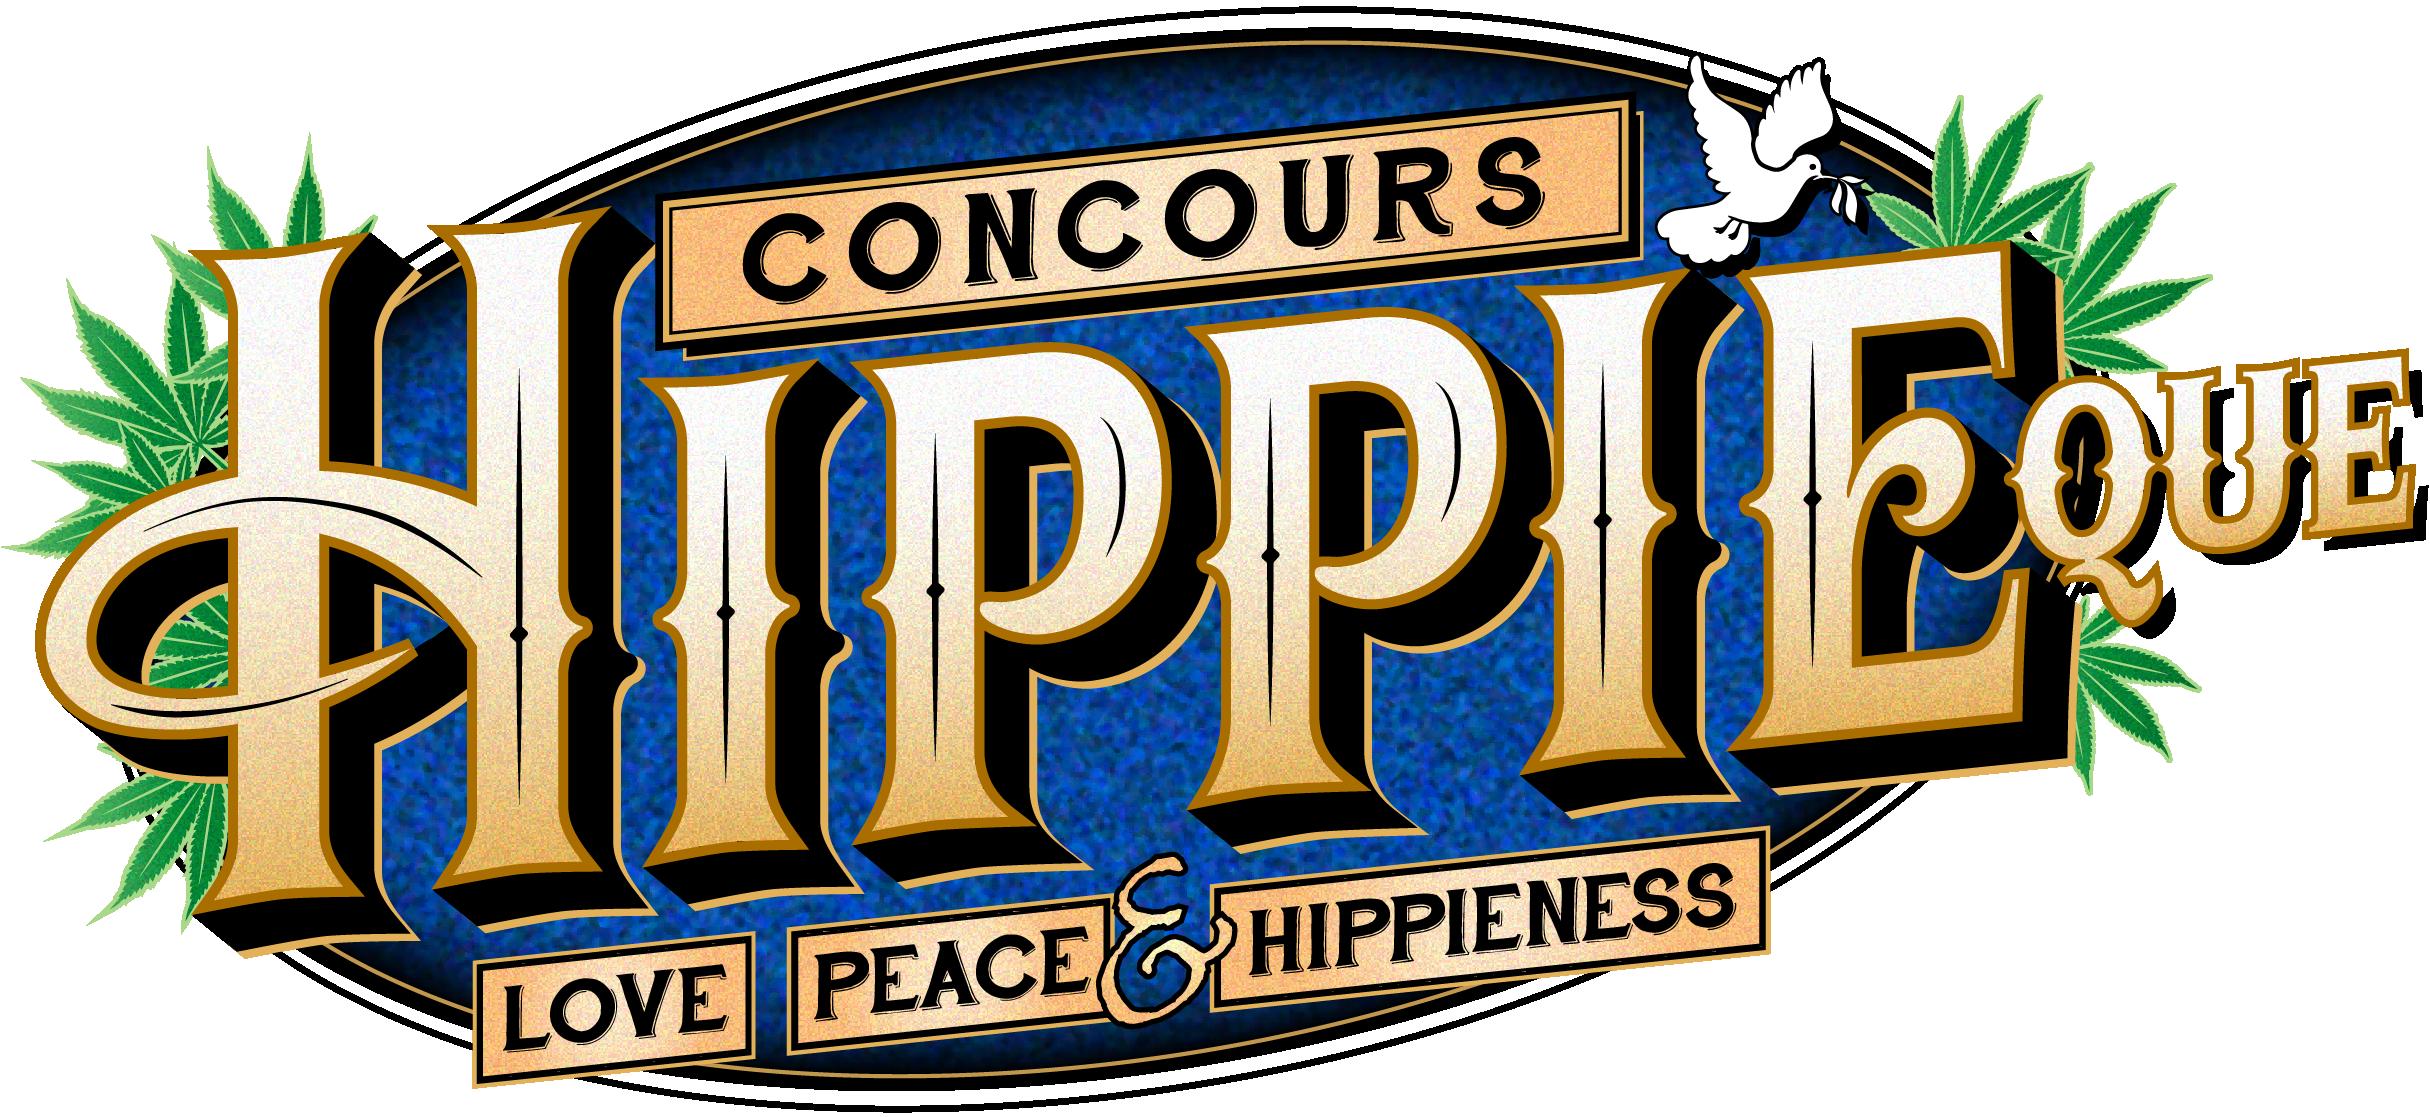 Concours Hippieque